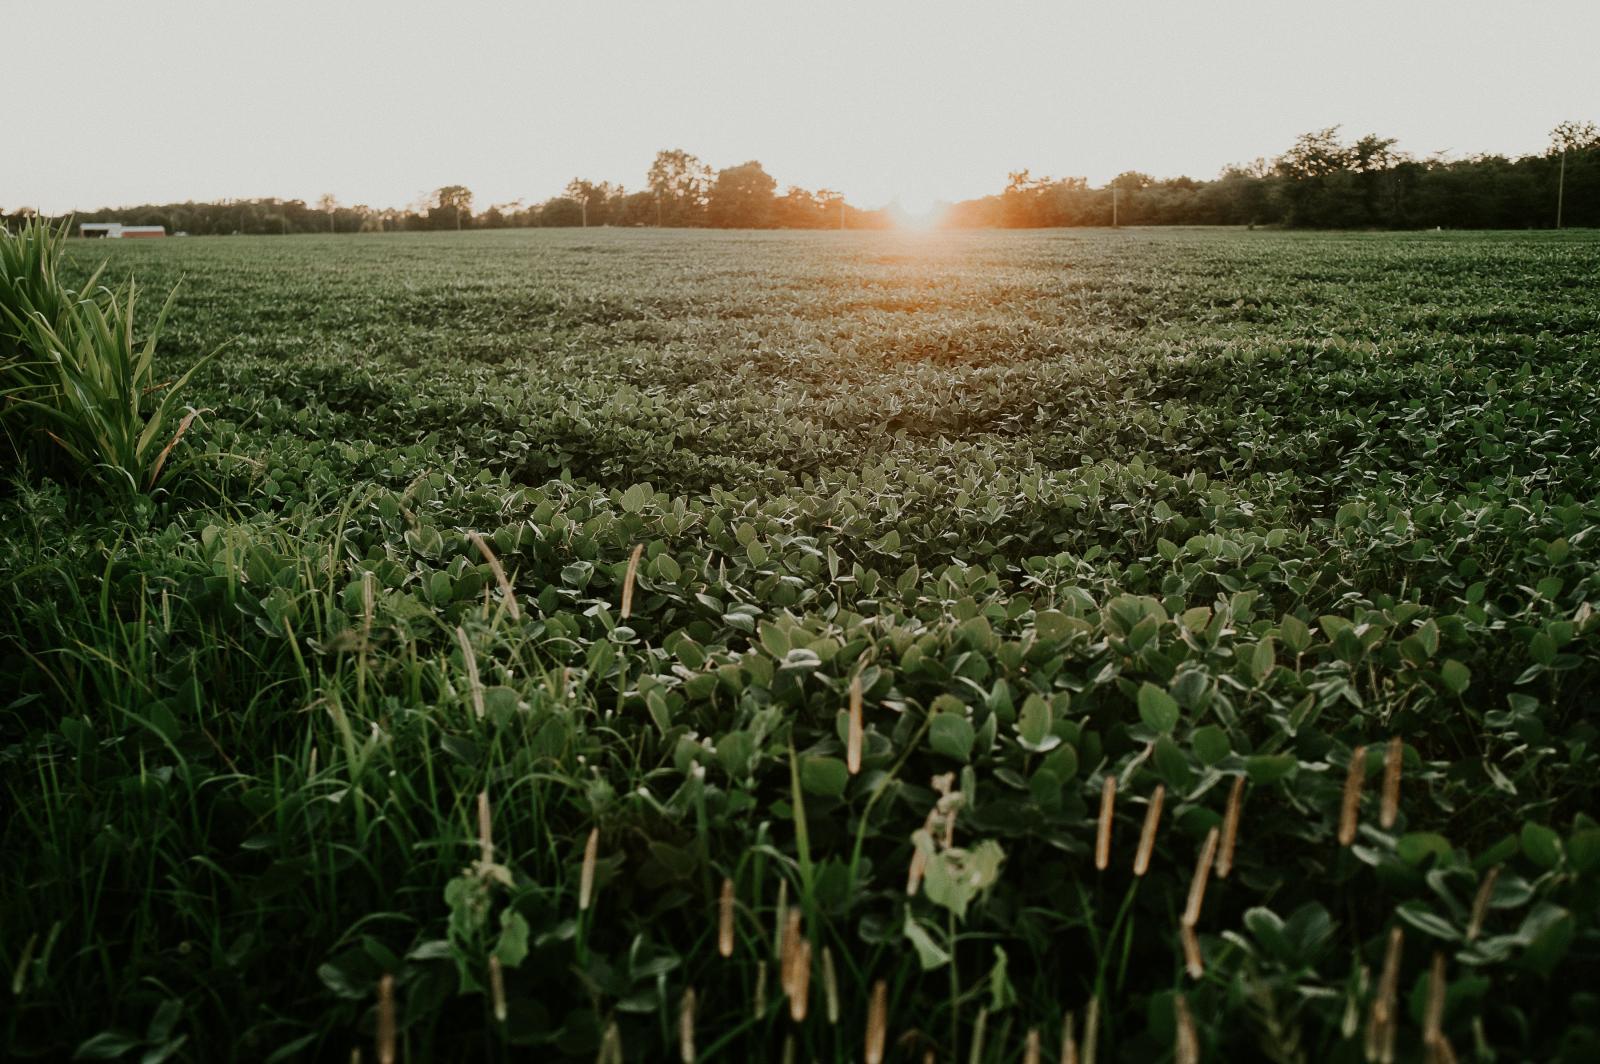 Imagem: Transferência de tecnologia: Biotecnologia de cultura da soja terá exploração comercial